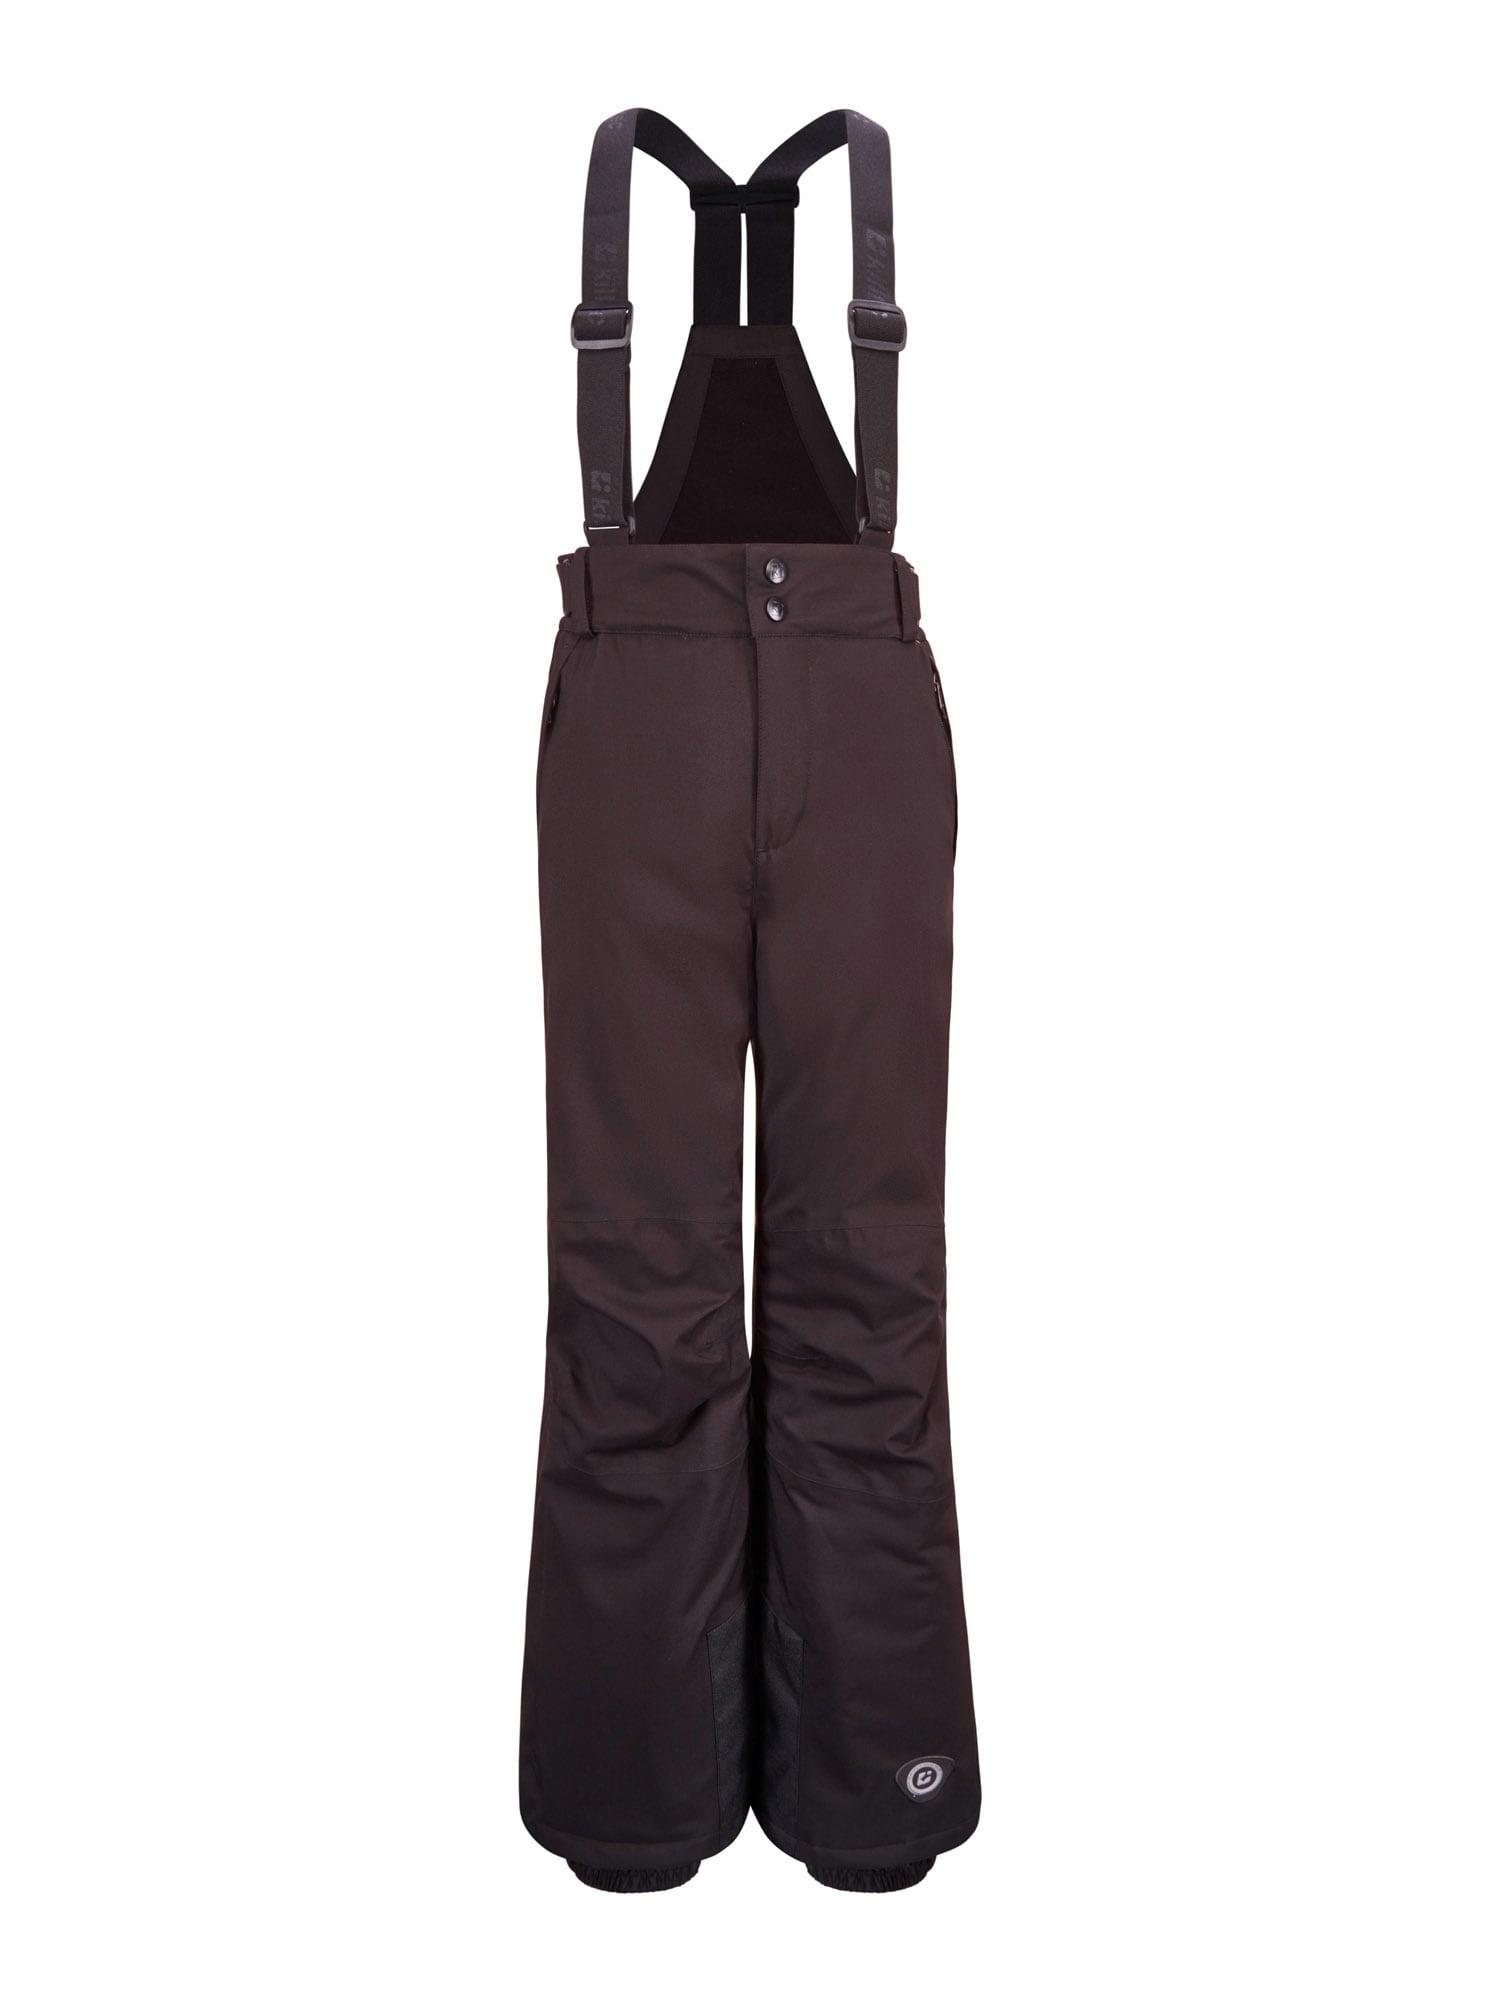 KILLTEC Pantalon de sport 'Gauror'  - Noir - Taille: 164 - boy